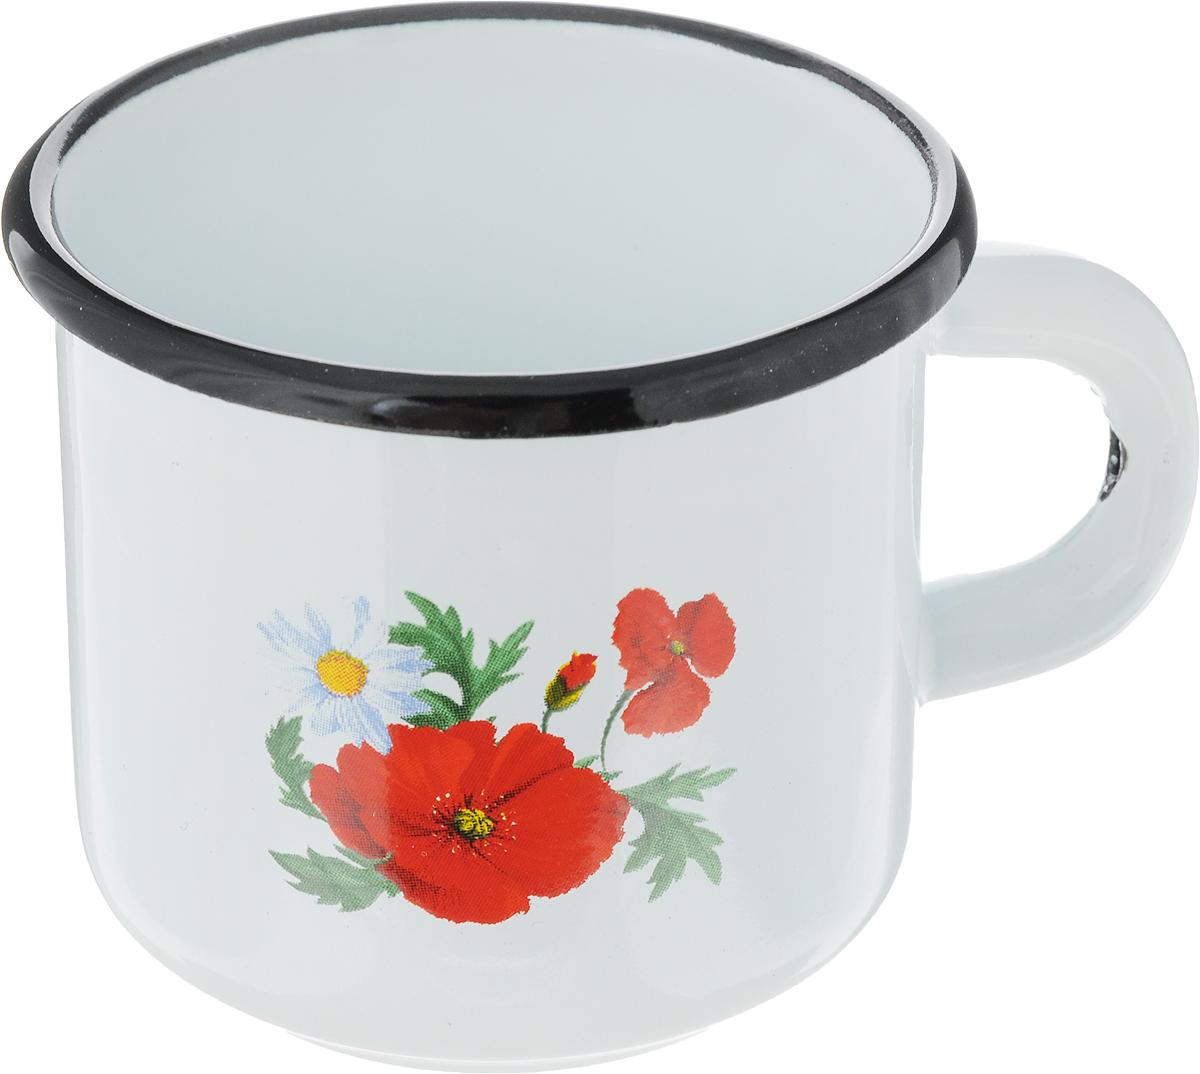 Кружка эмалированная СтальЭмаль Цветок, цвет: белый, красный, 250 мл115510Кружка эмалированная СтальЭмаль Цветок, цвет: белый, красный, 250 мл